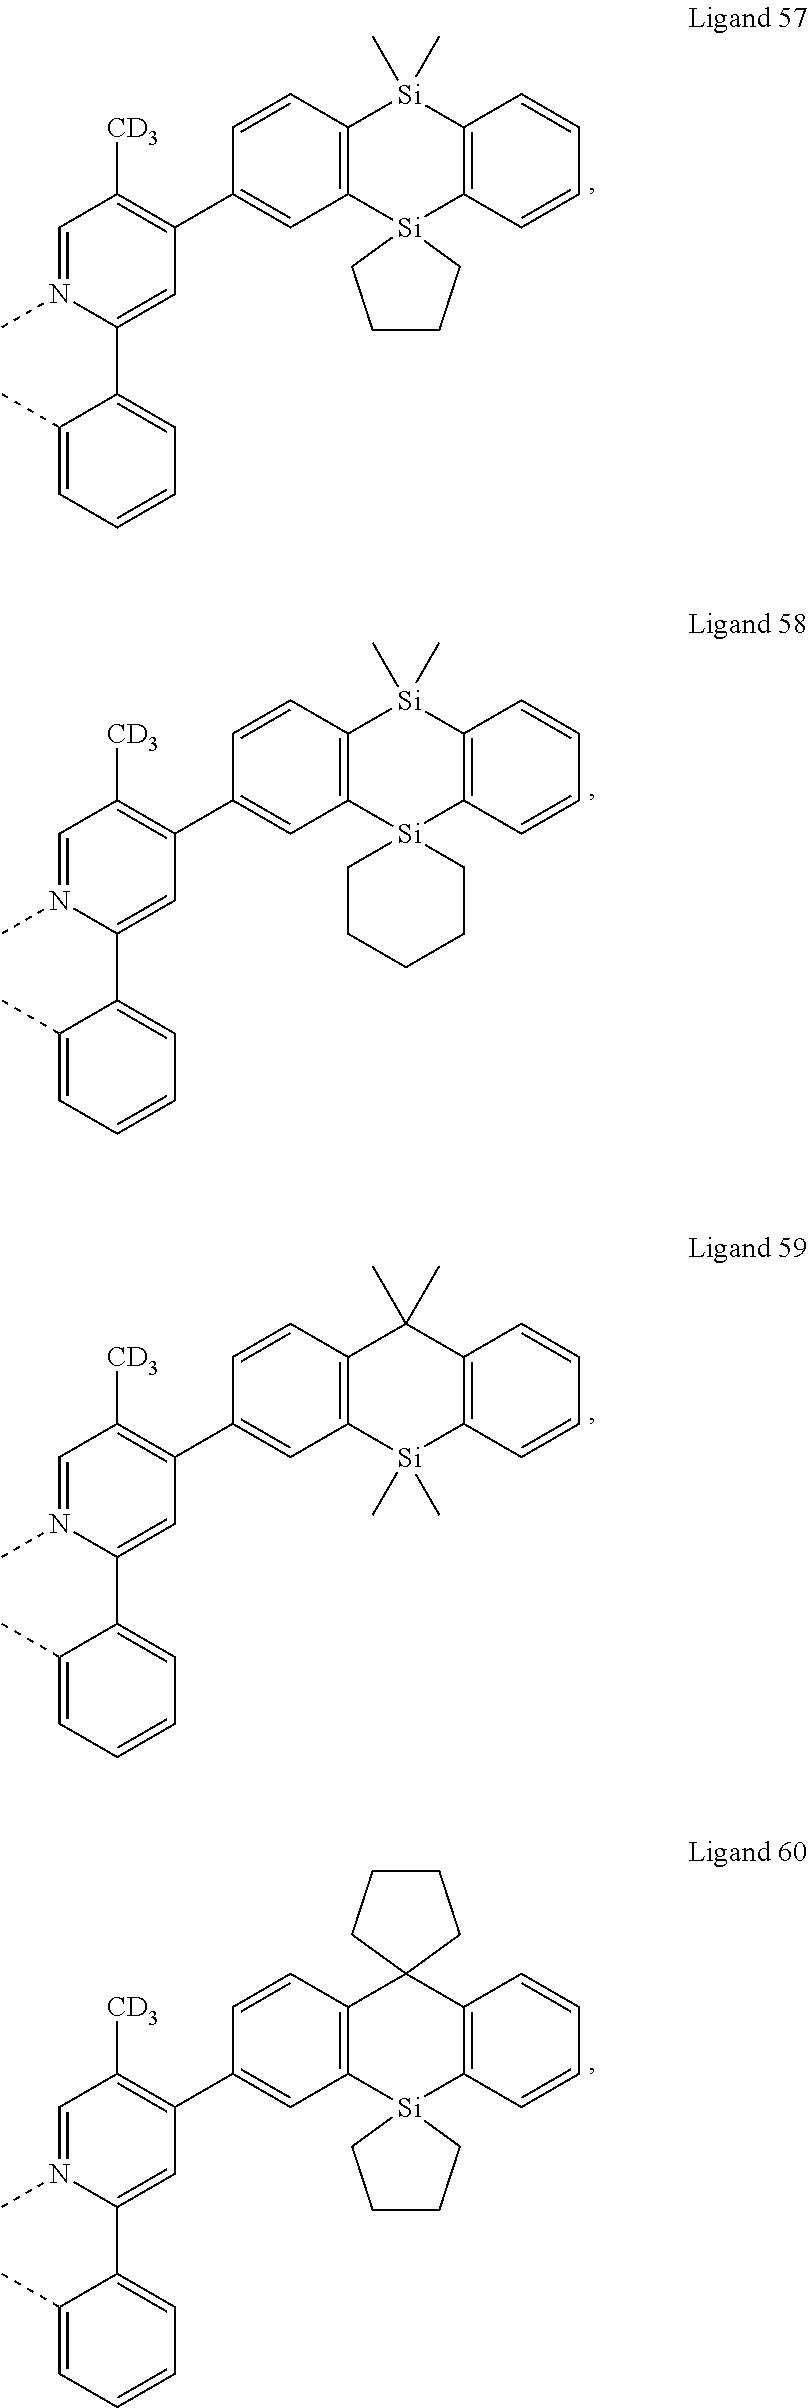 Figure US20180130962A1-20180510-C00044